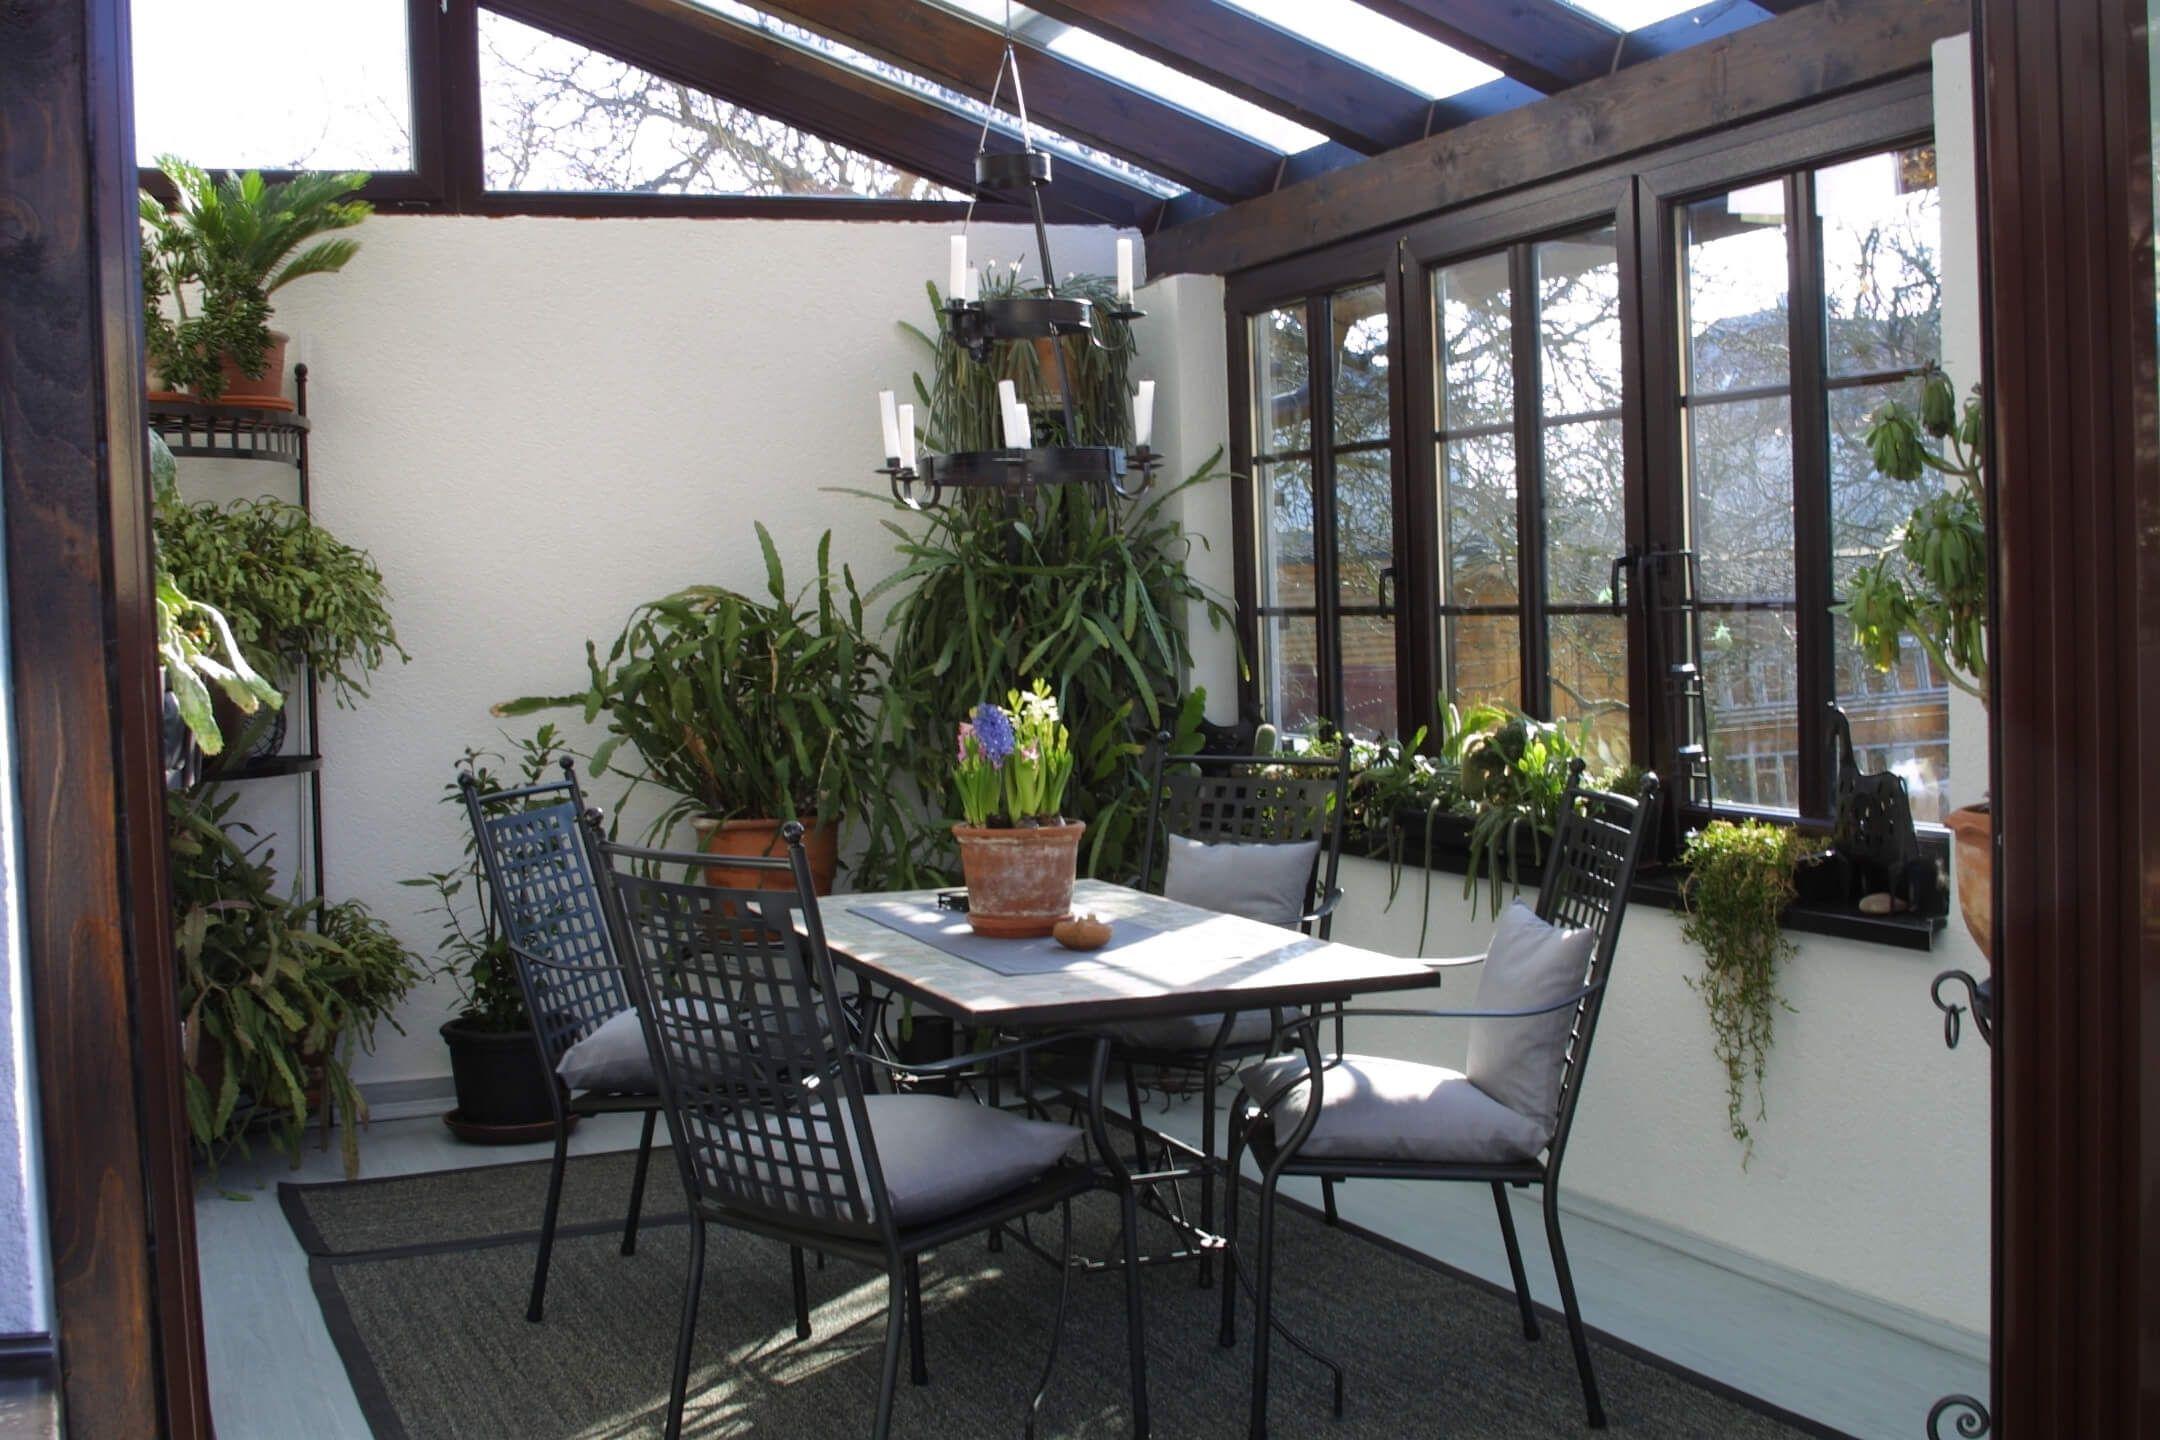 Terrassenuberdachung Aus Glas Und Holz Mit Bildern Terrassenuberdachung